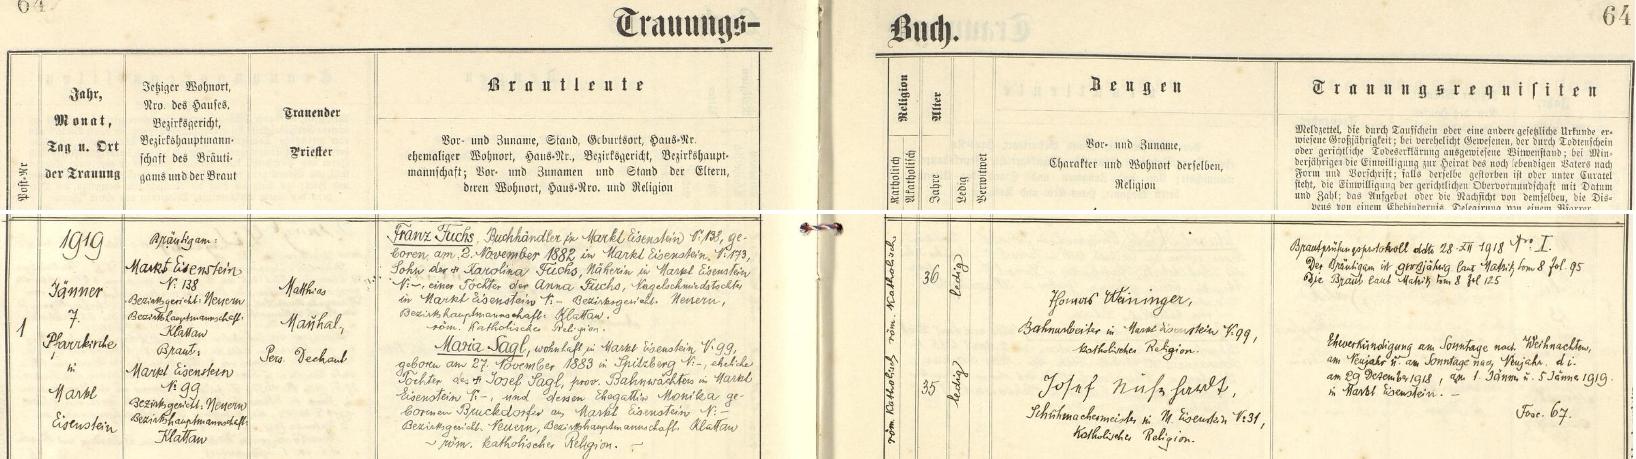 V lednu roku 1919 se podle tohoto záznamu železnorudské oddací matriky oženil s Marií Saglovou